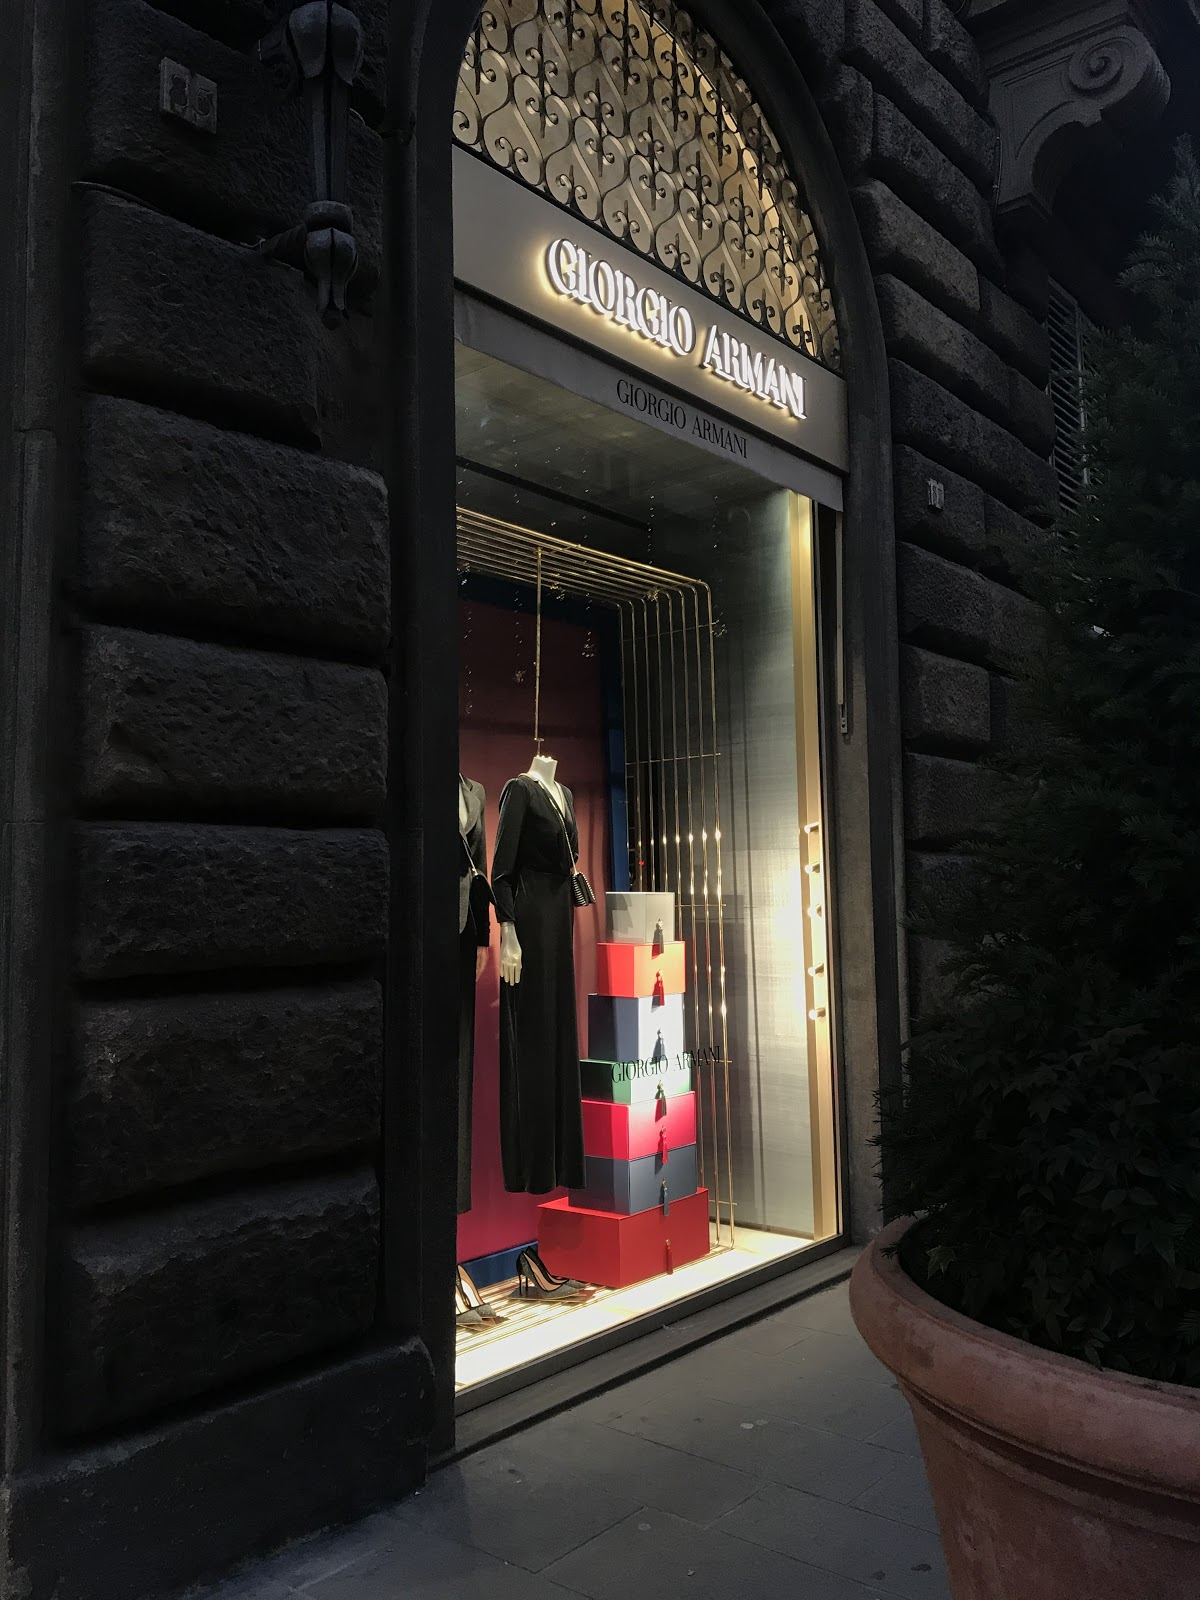 Шоппинг в Италии: Модные бренды модной европейской страны